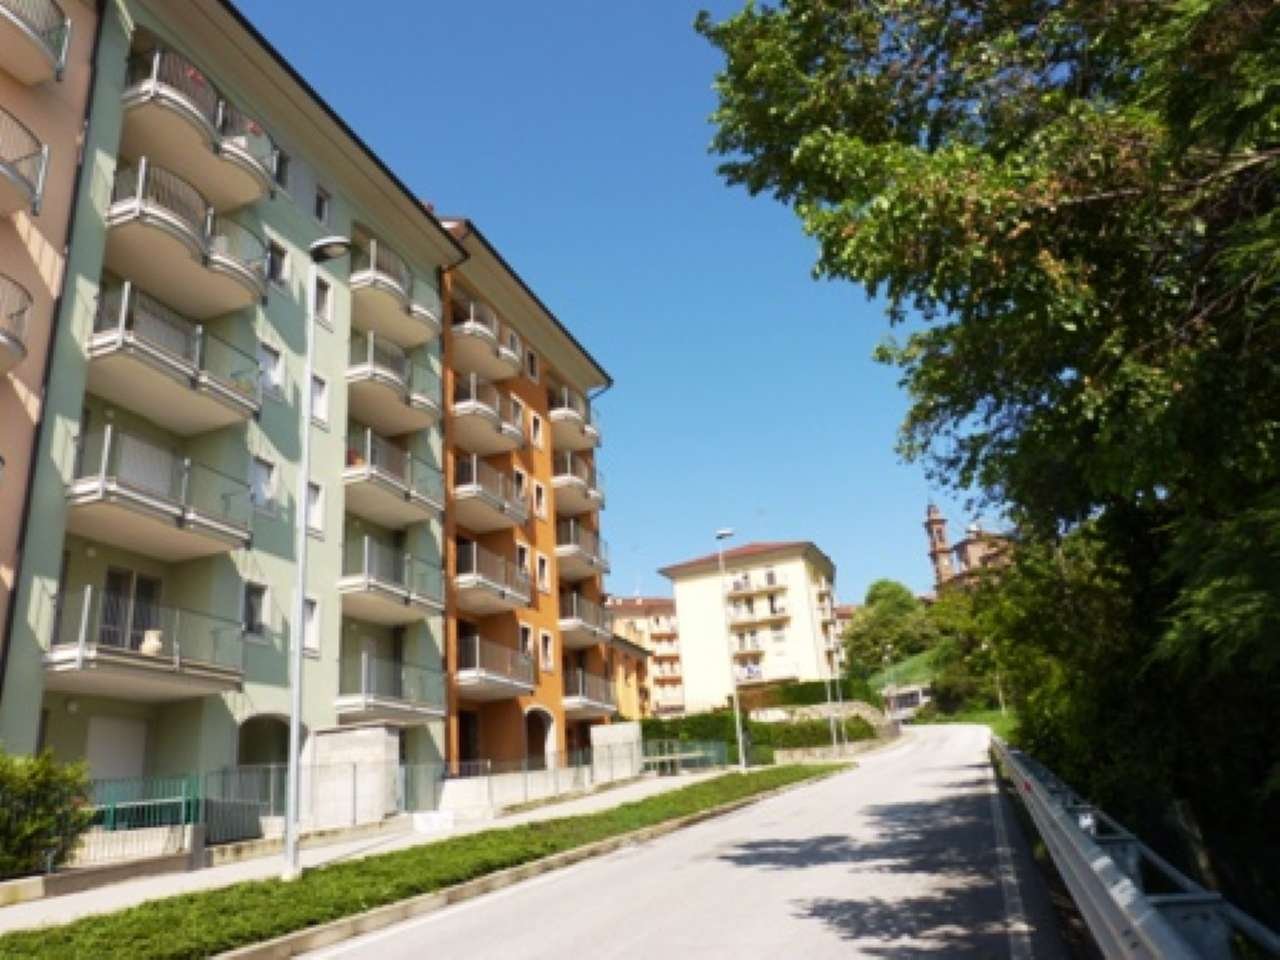 Appartamento in vendita a Fossano, 3 locali, prezzo € 145.000 | CambioCasa.it